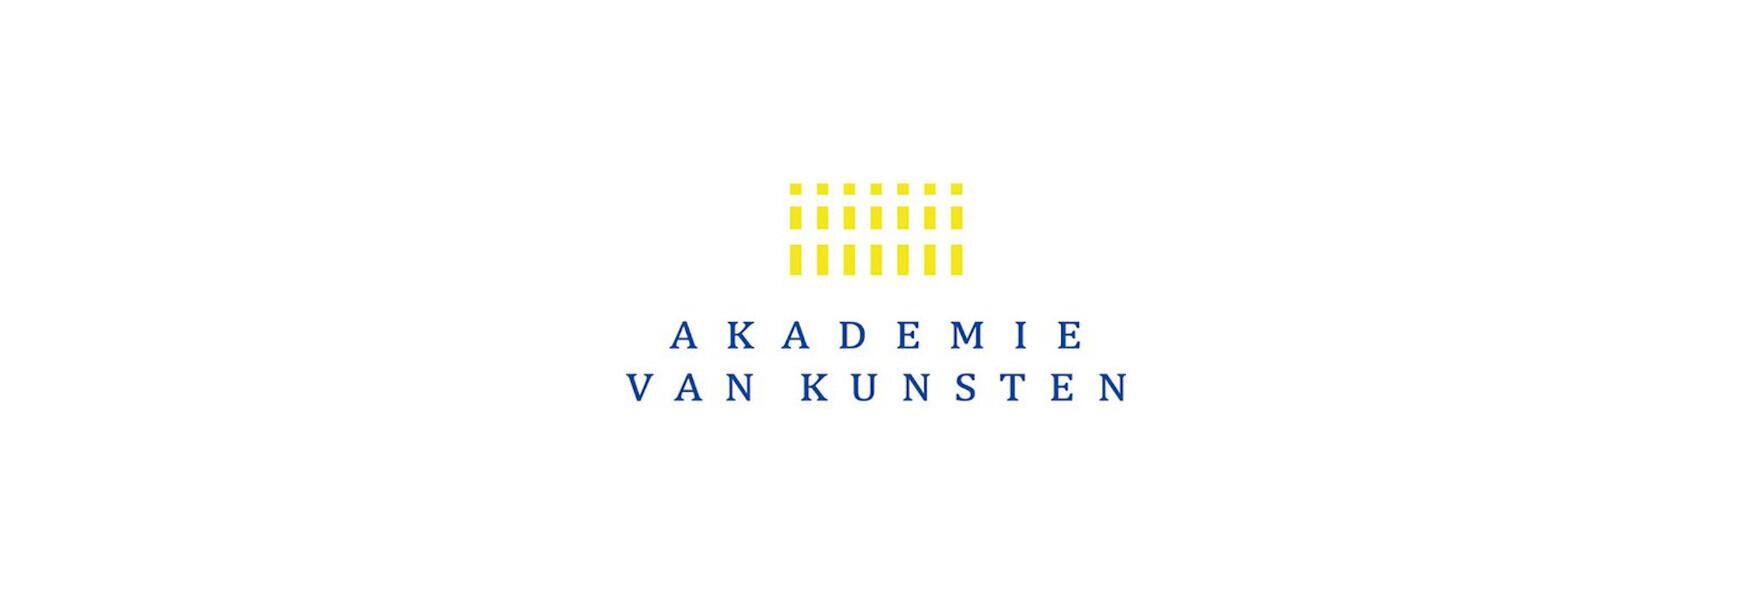 Oproep nominaties leden Akademie van Kunsten 2021